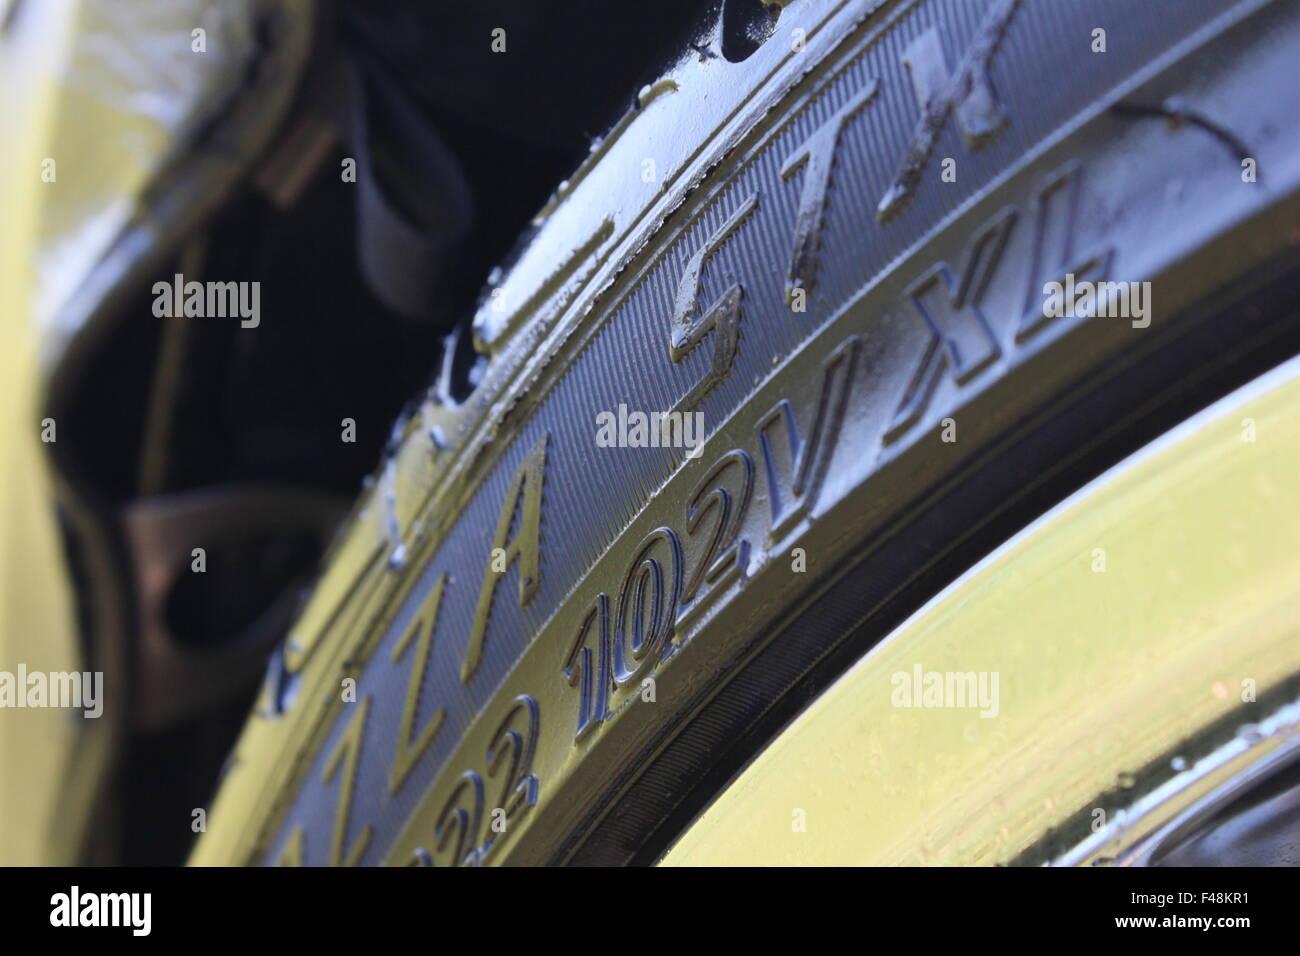 Primer plano de un neumático de automóvil. Foto de stock